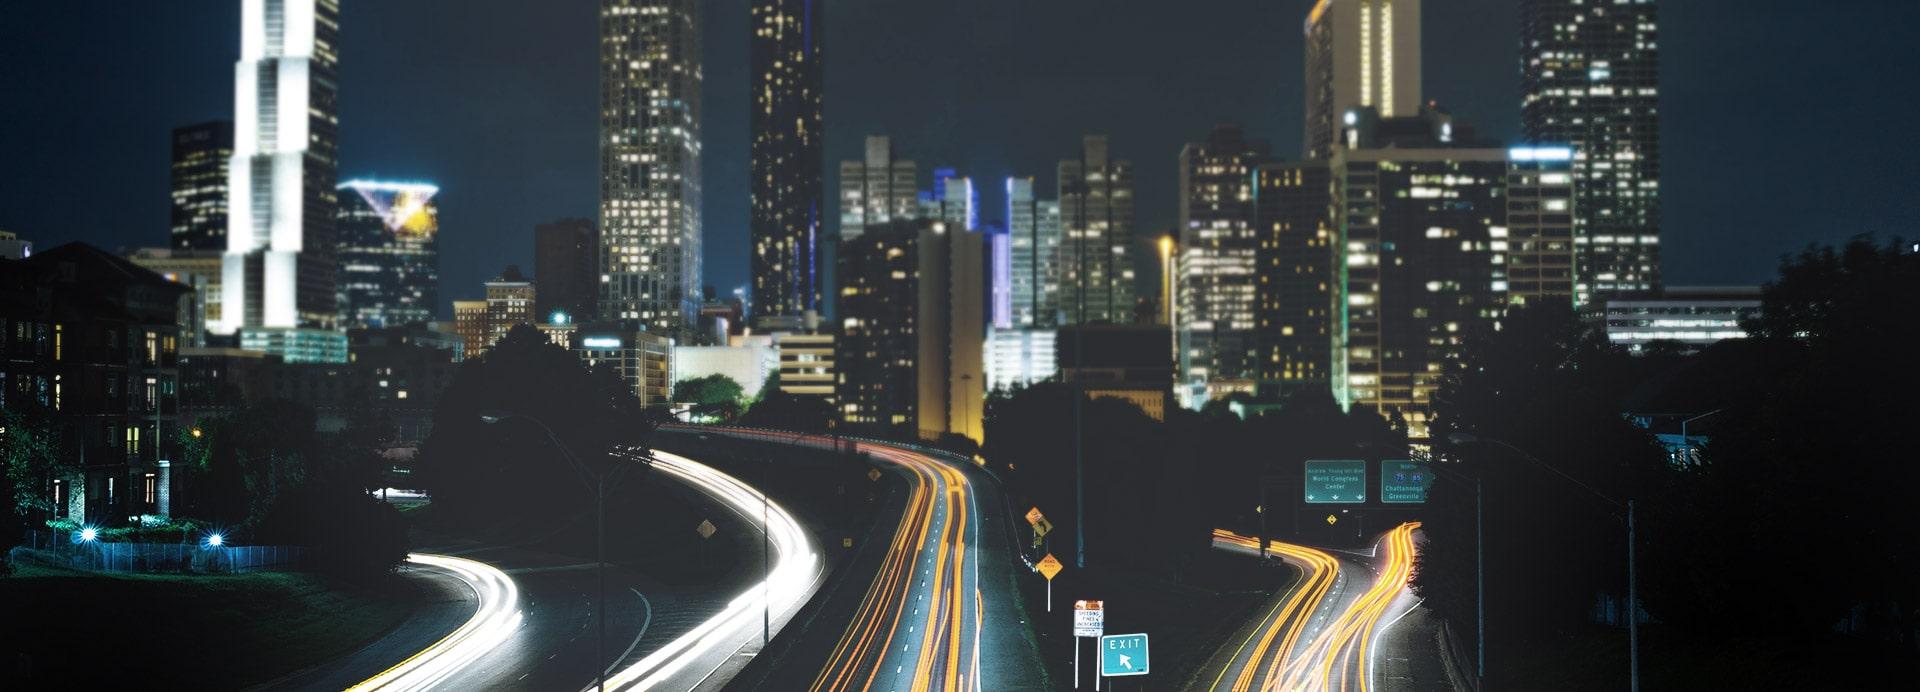 Skyline einer modernen Stadt